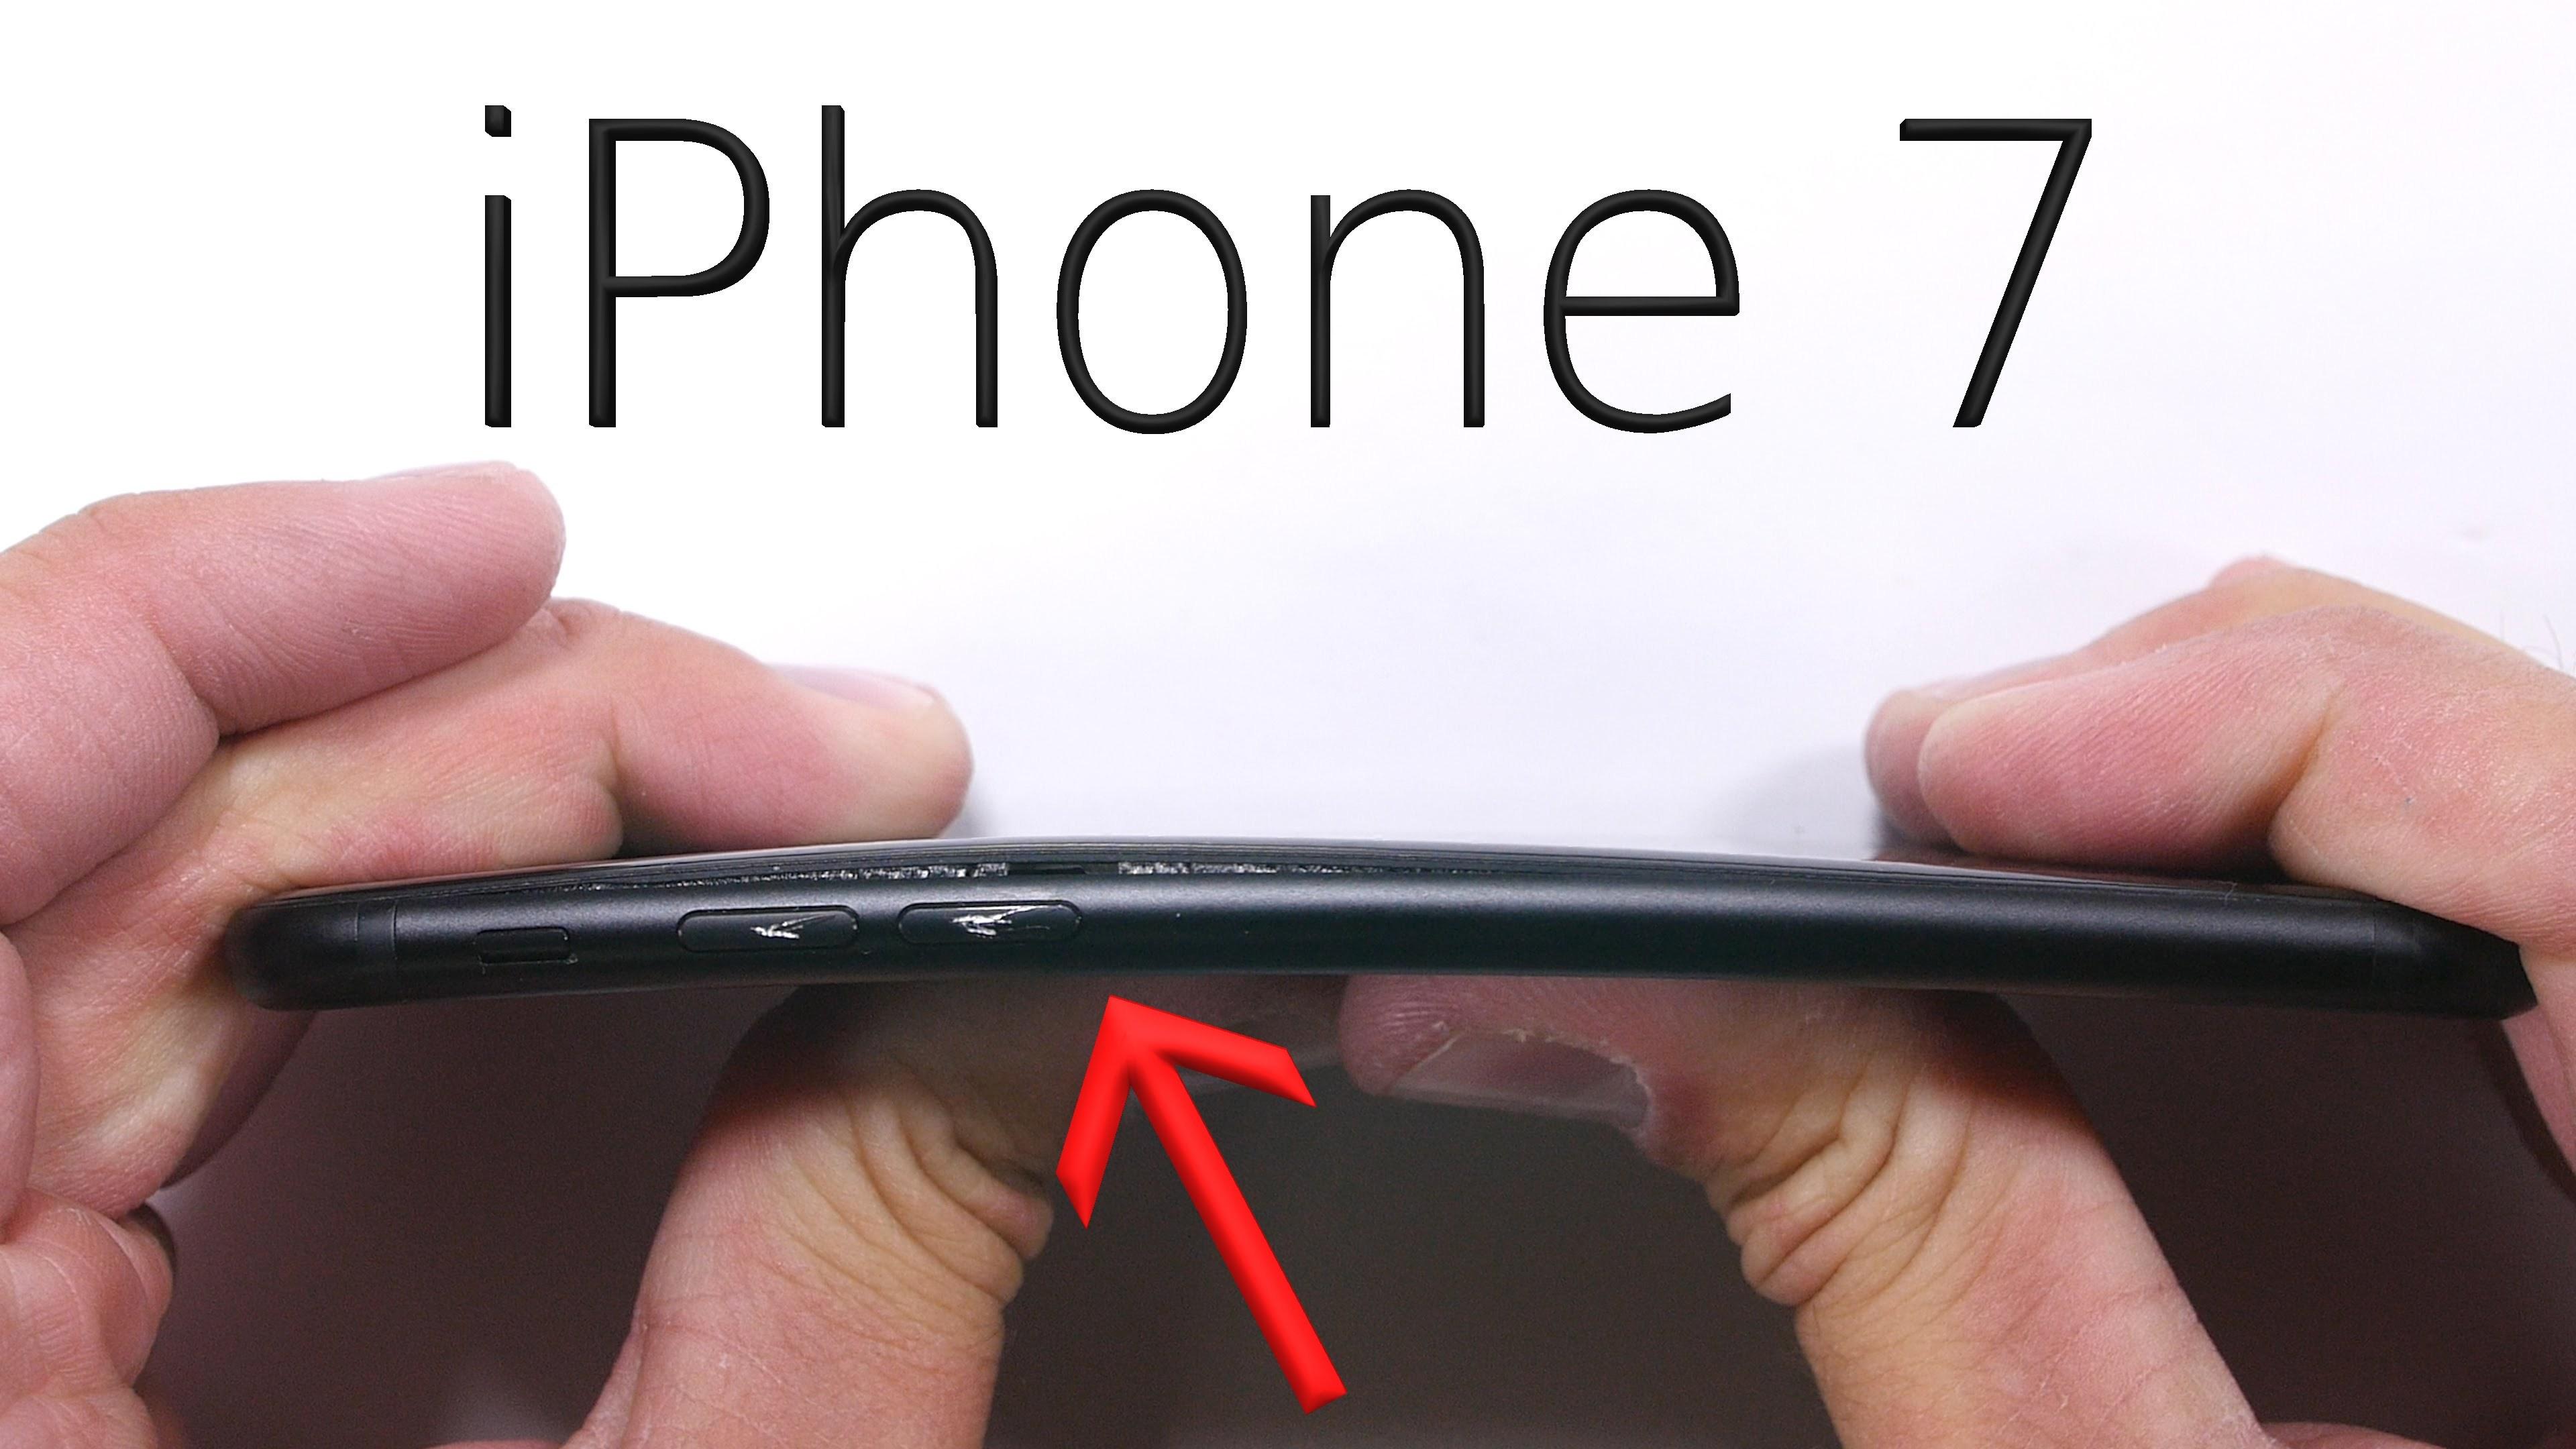 Pametni mobilni telefon Apple iPhone 7 vsaj zlahka ne bomo uničili!